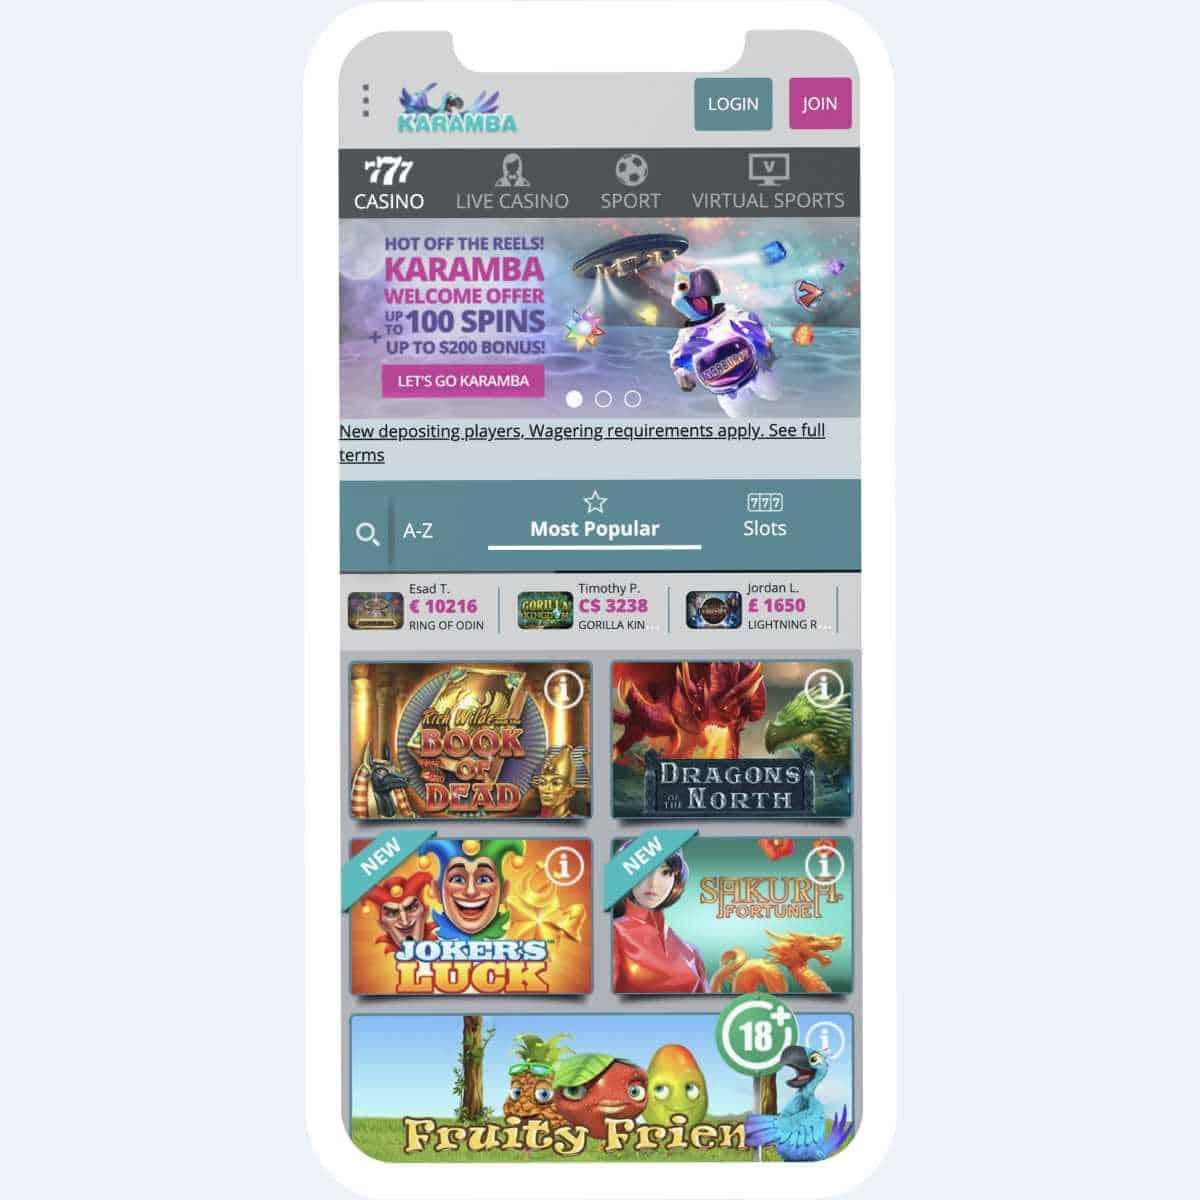 karamba homepage mobile